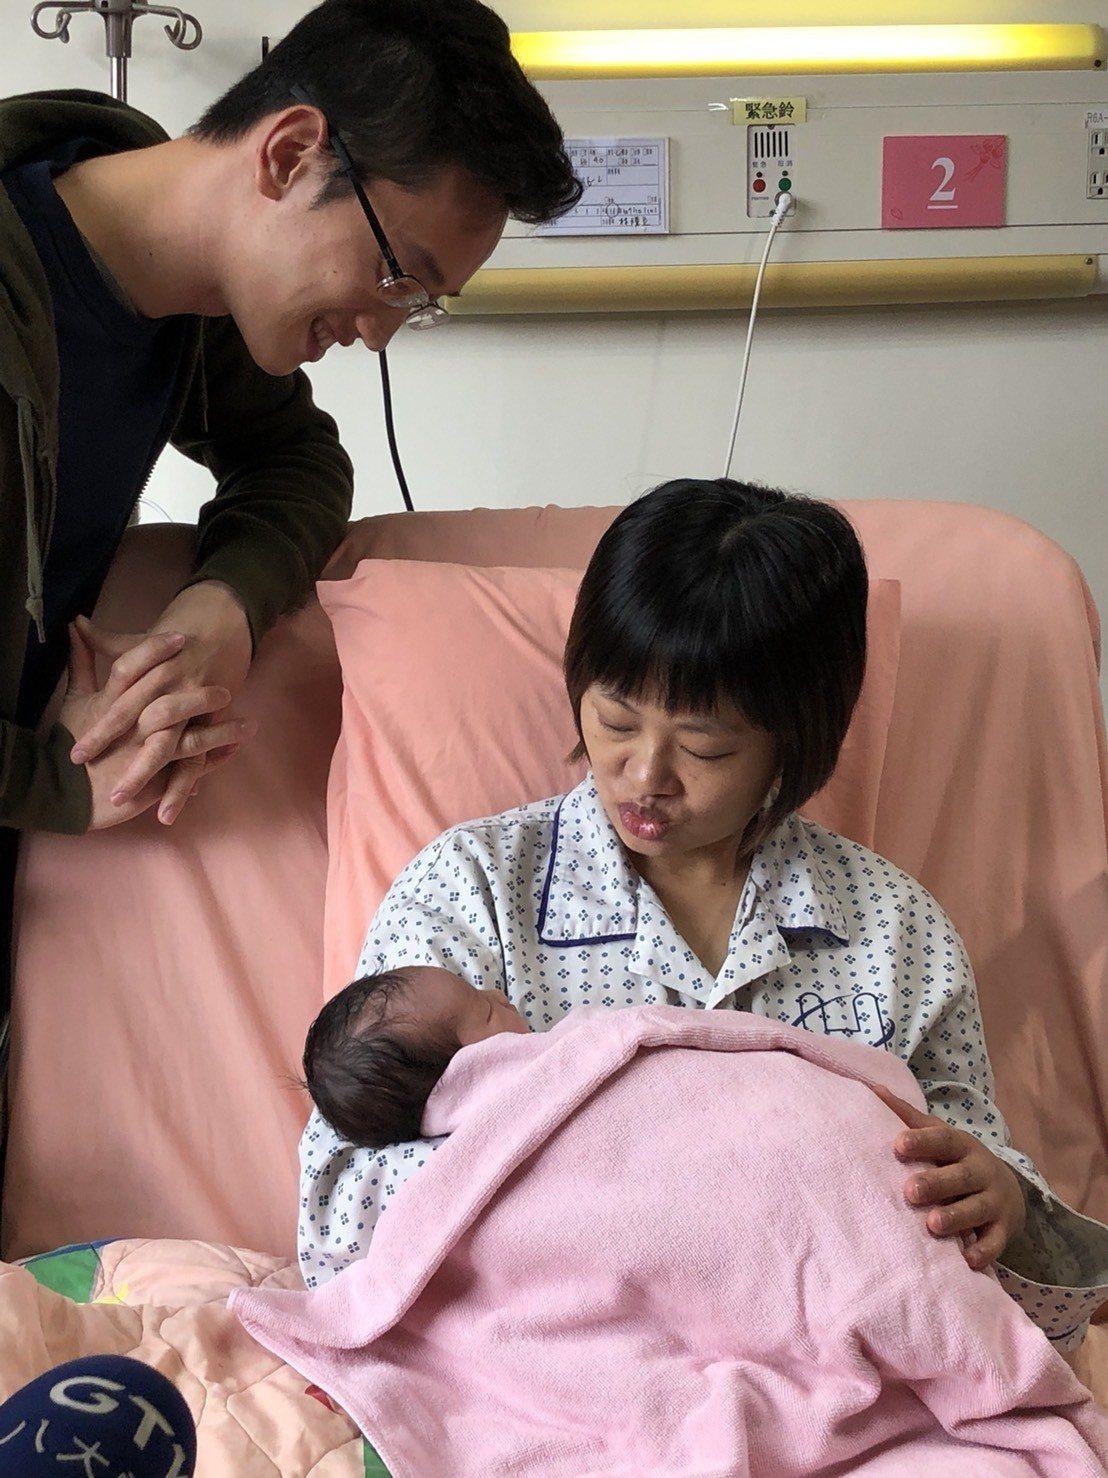 聯合醫院首位國慶寶寶於今凌晨0時1分出生,父母暫時喚她「妹妹」。記者陳靖宜/攝影